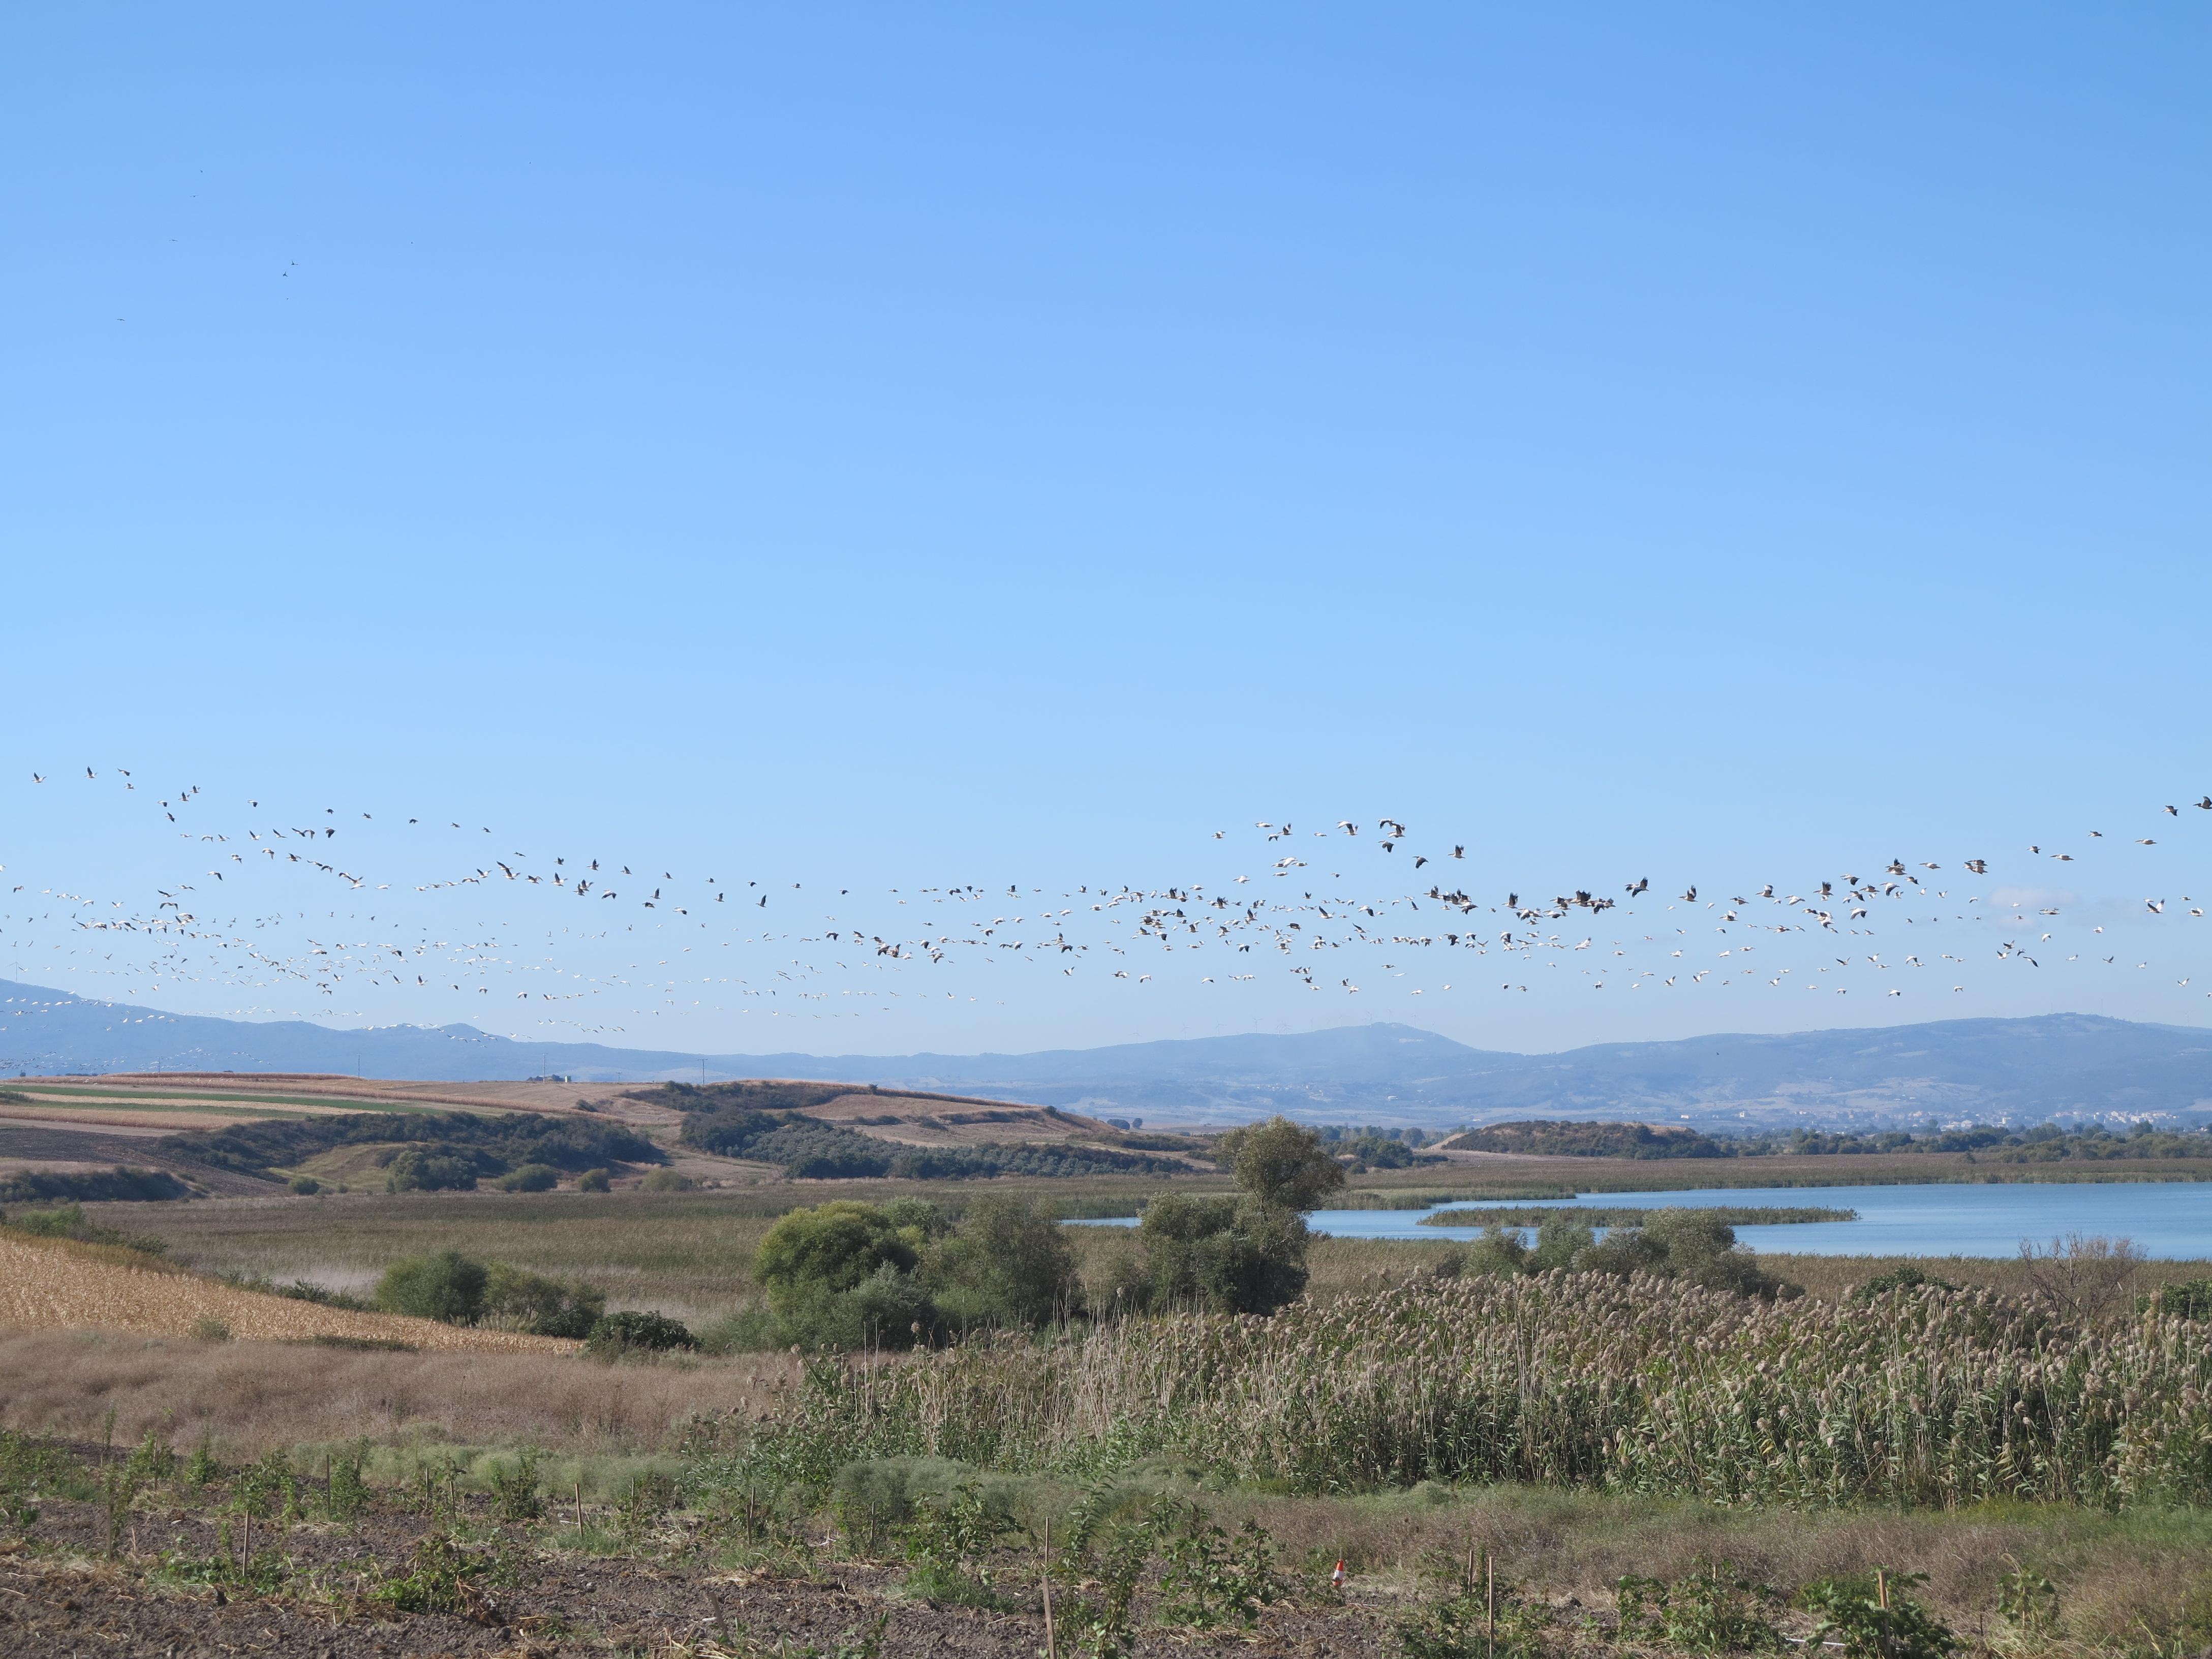 Manyas Gölü günümüzde Balıkesir'deki en önemli sulak alanlardan biridir. 2019 yılında alandan bir görünüm.